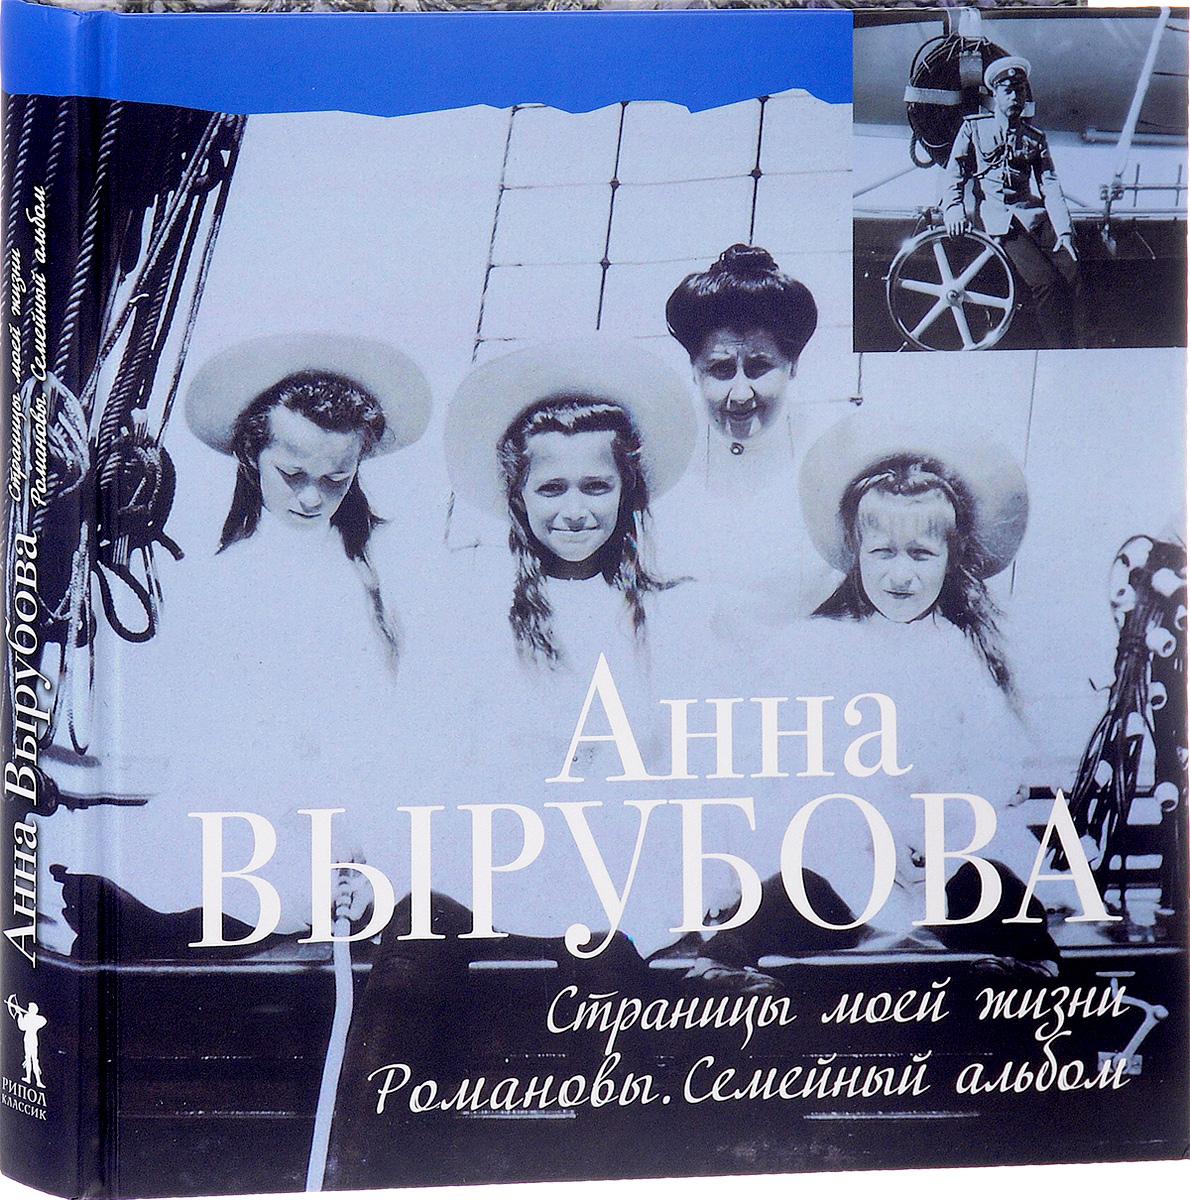 9785386094041 - Анна Вырубова: Страницы моей жизни. Романовы. Семейный альбом - Книга